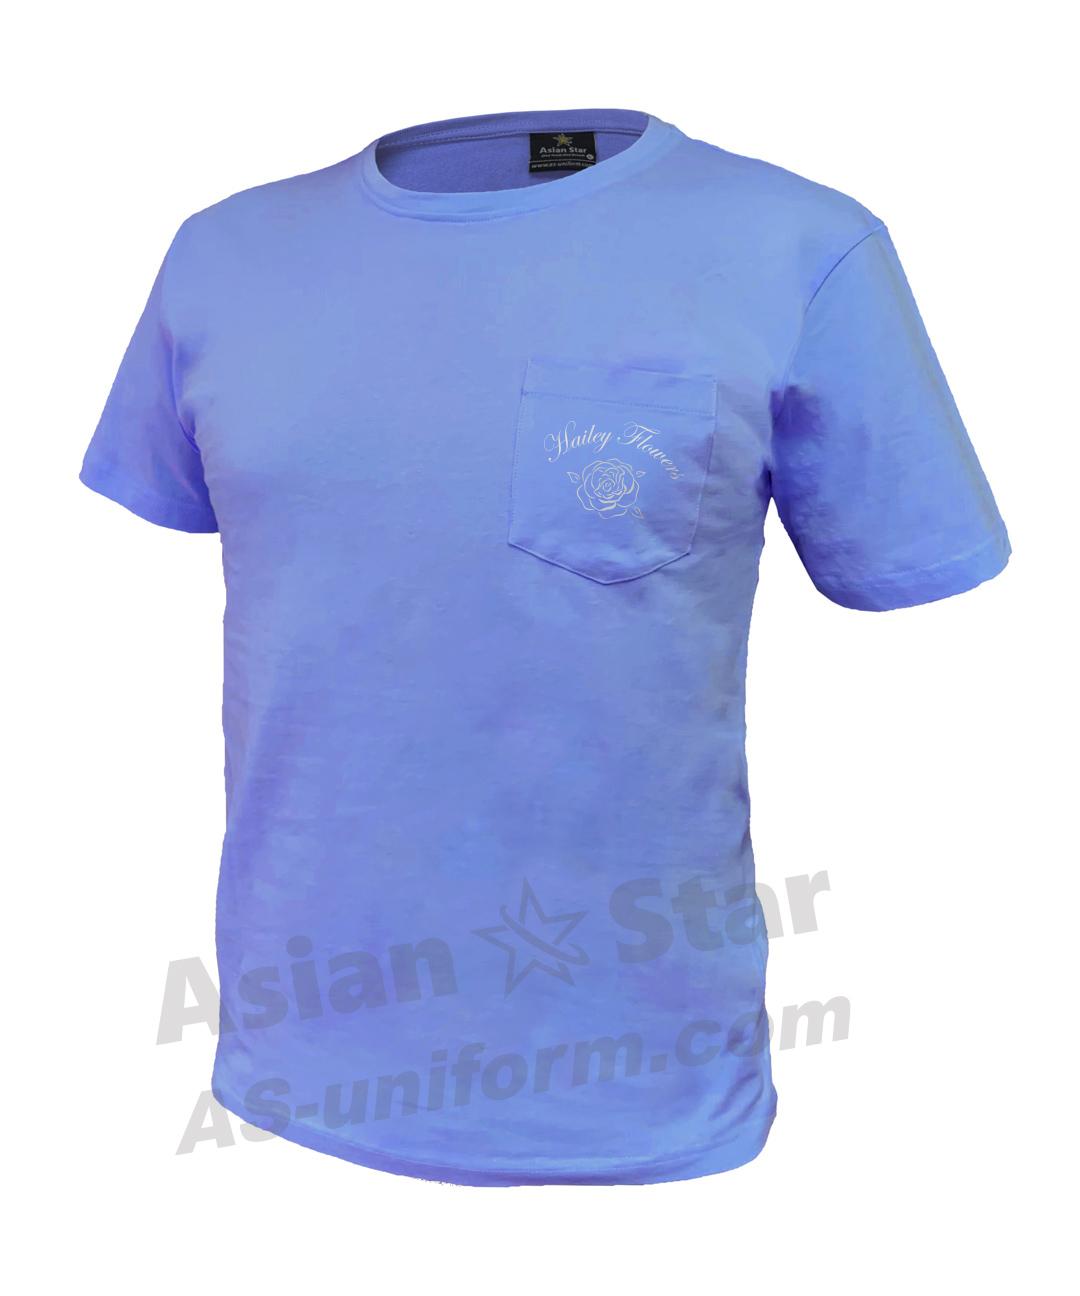 pocket tee 訂t-shirt AS115